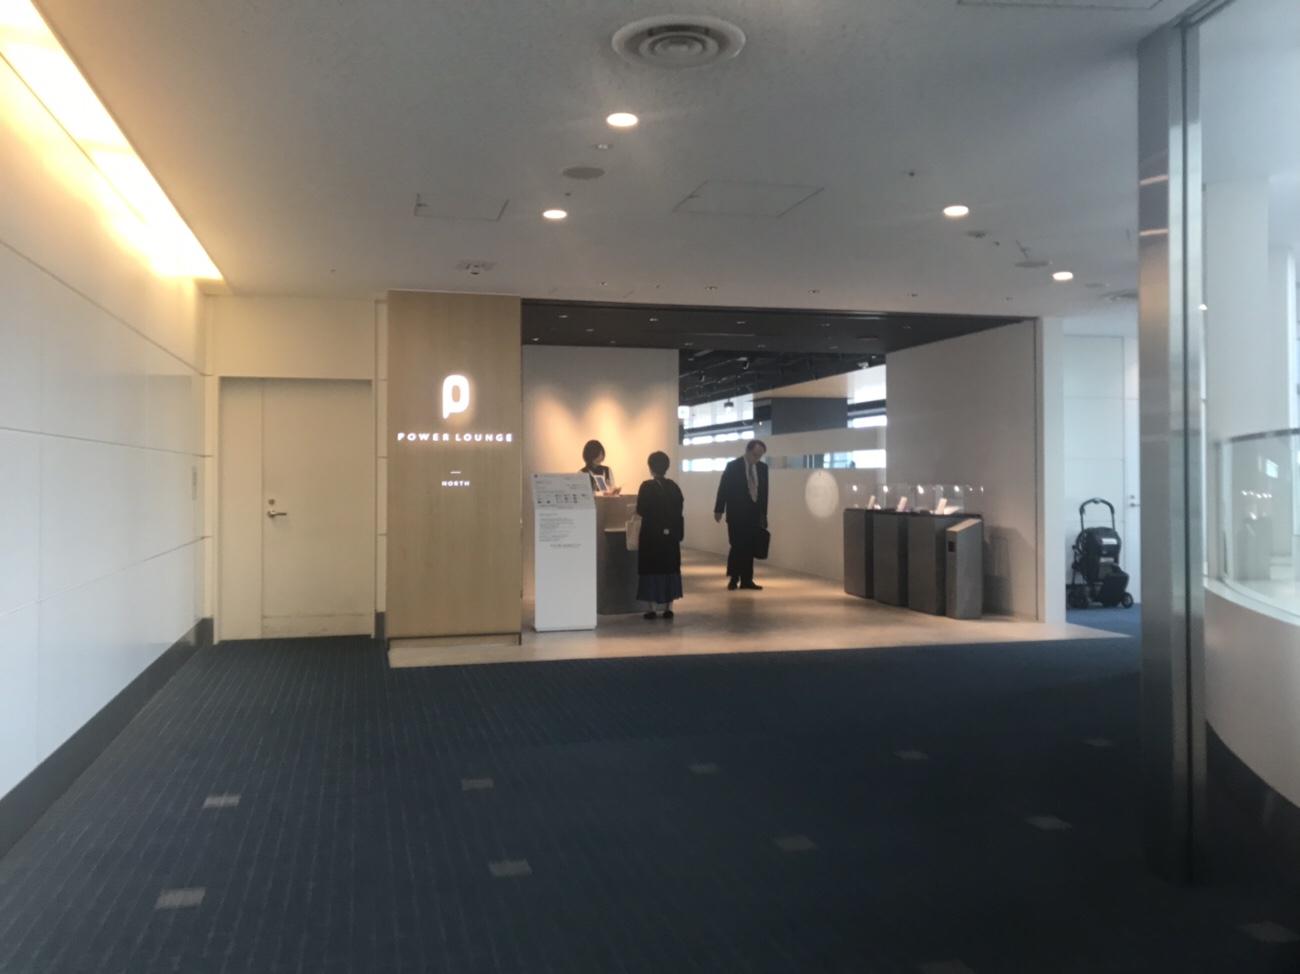 羽田空港第二ターミナル朝食無料のパワーラウンジ